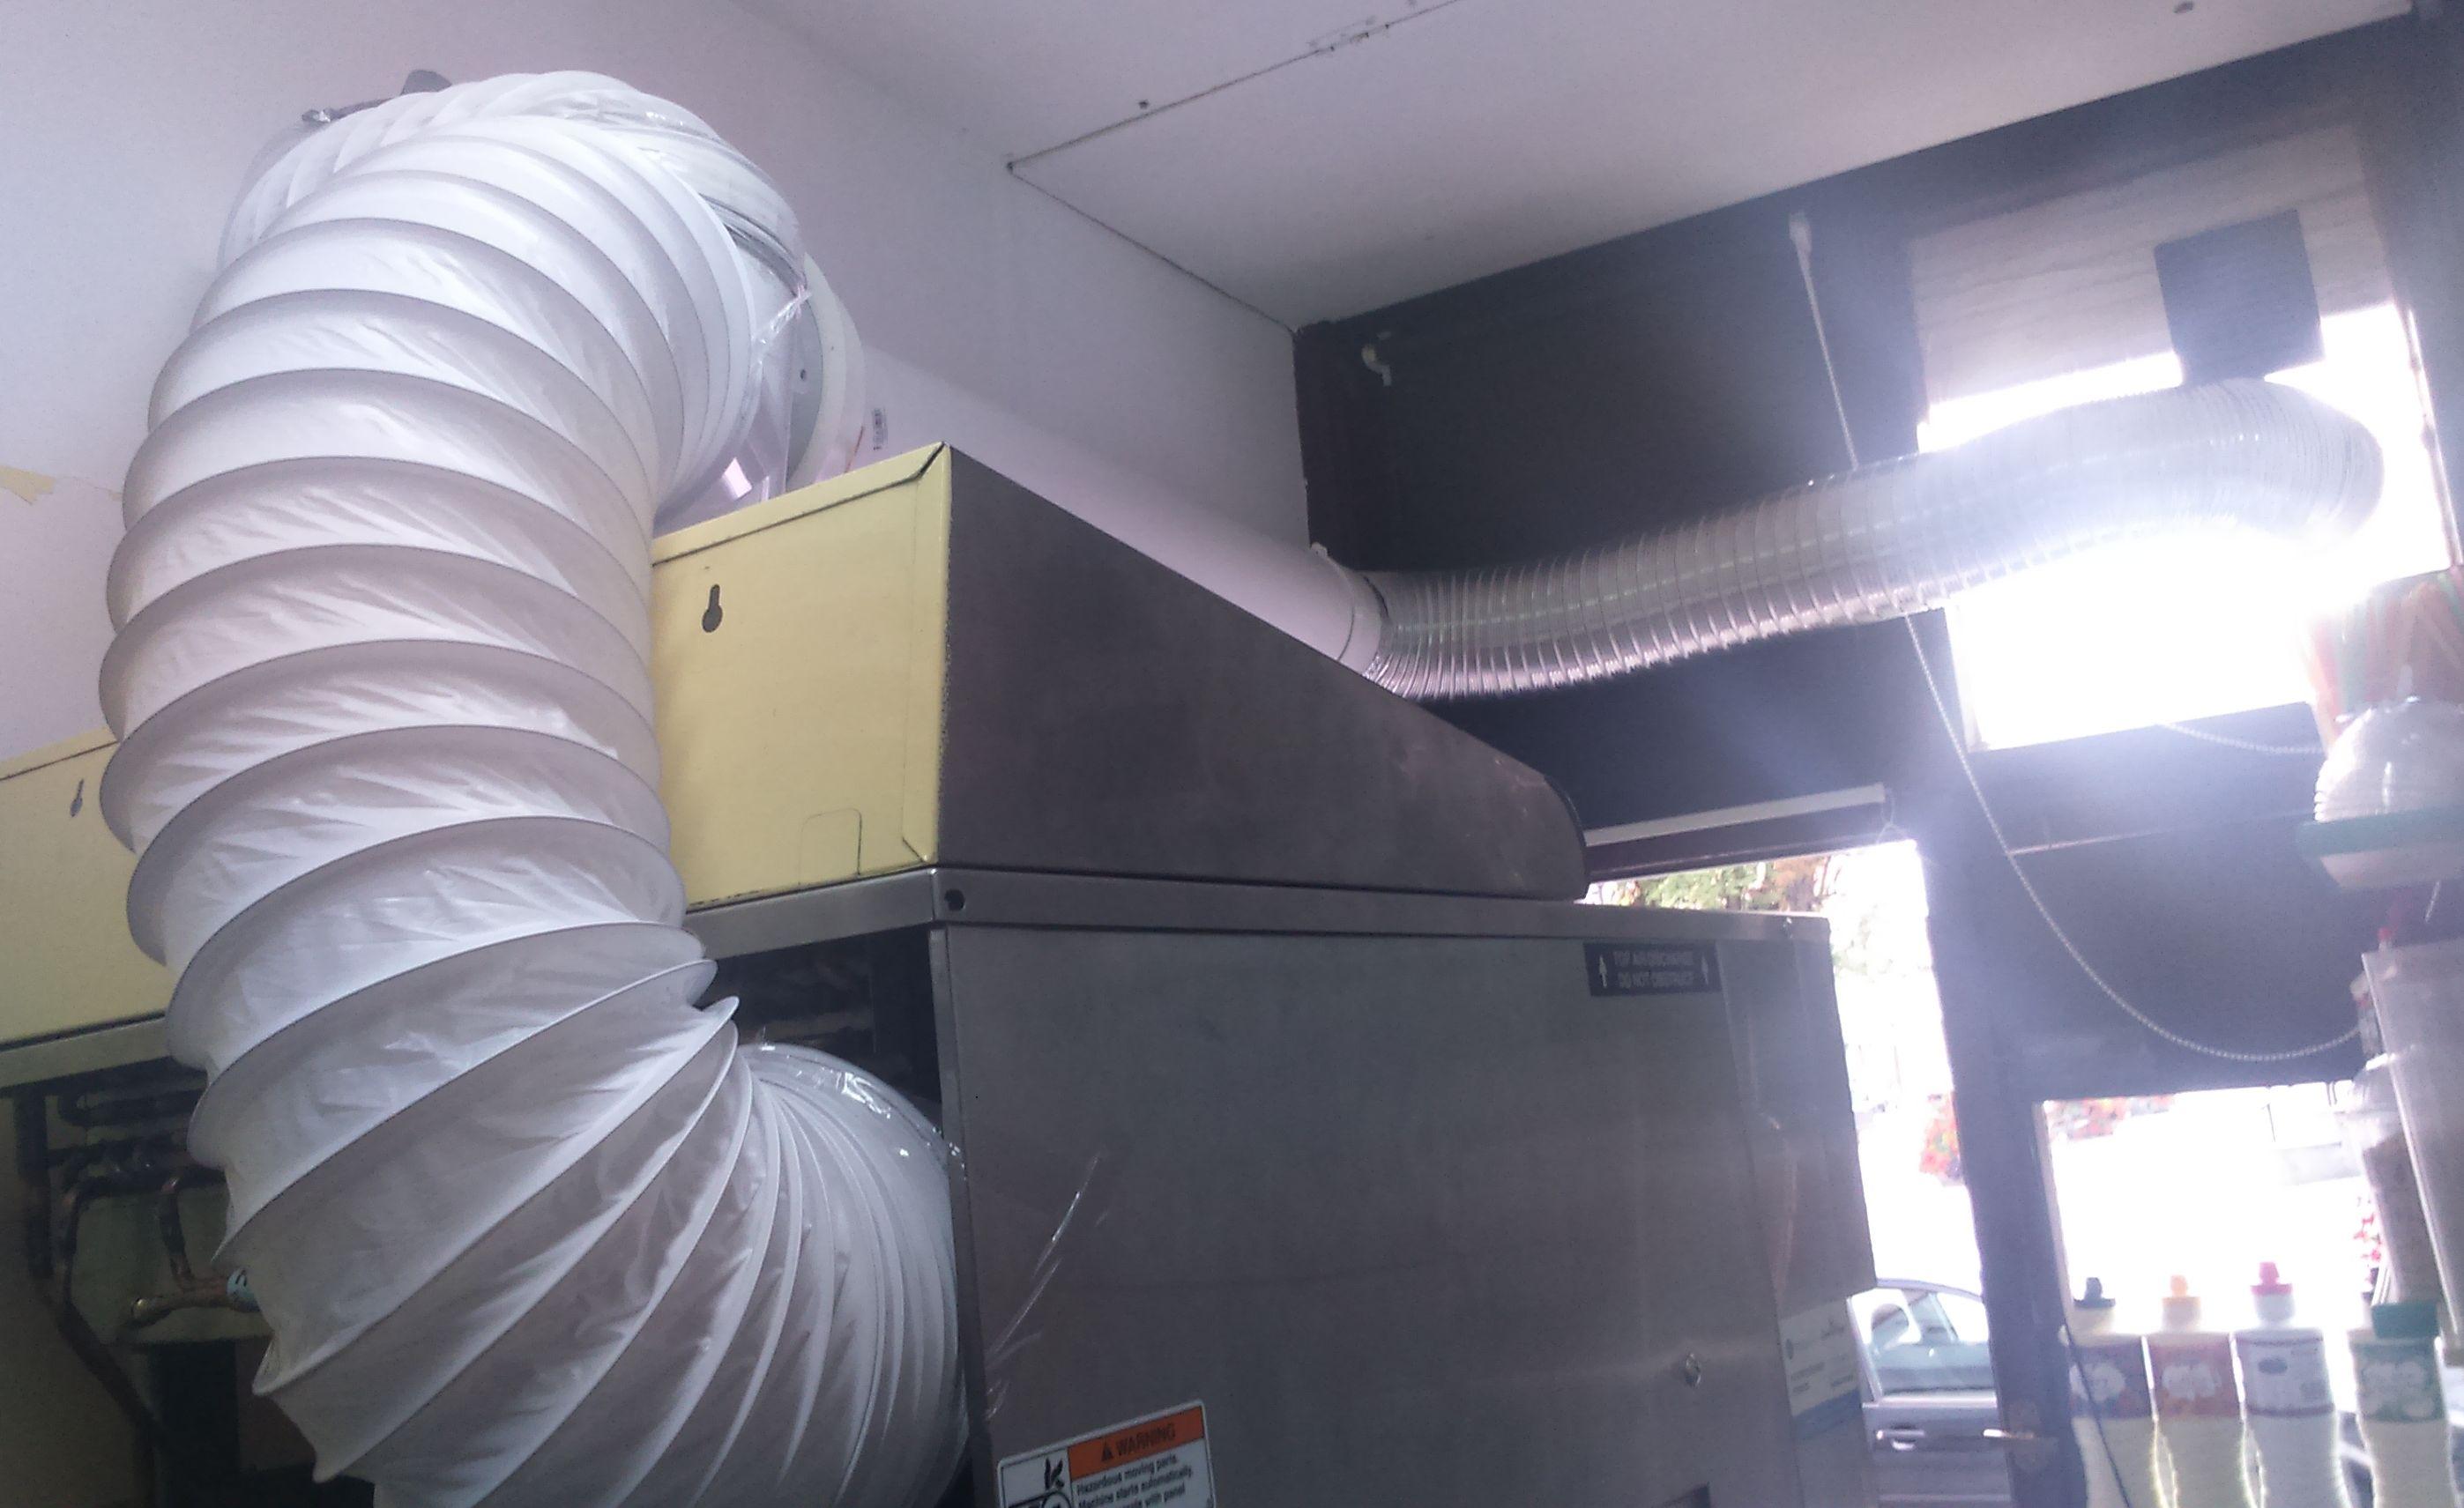 Poważnie Wyciąg powietrza z maszyny do lodów - elektroda.pl TX95